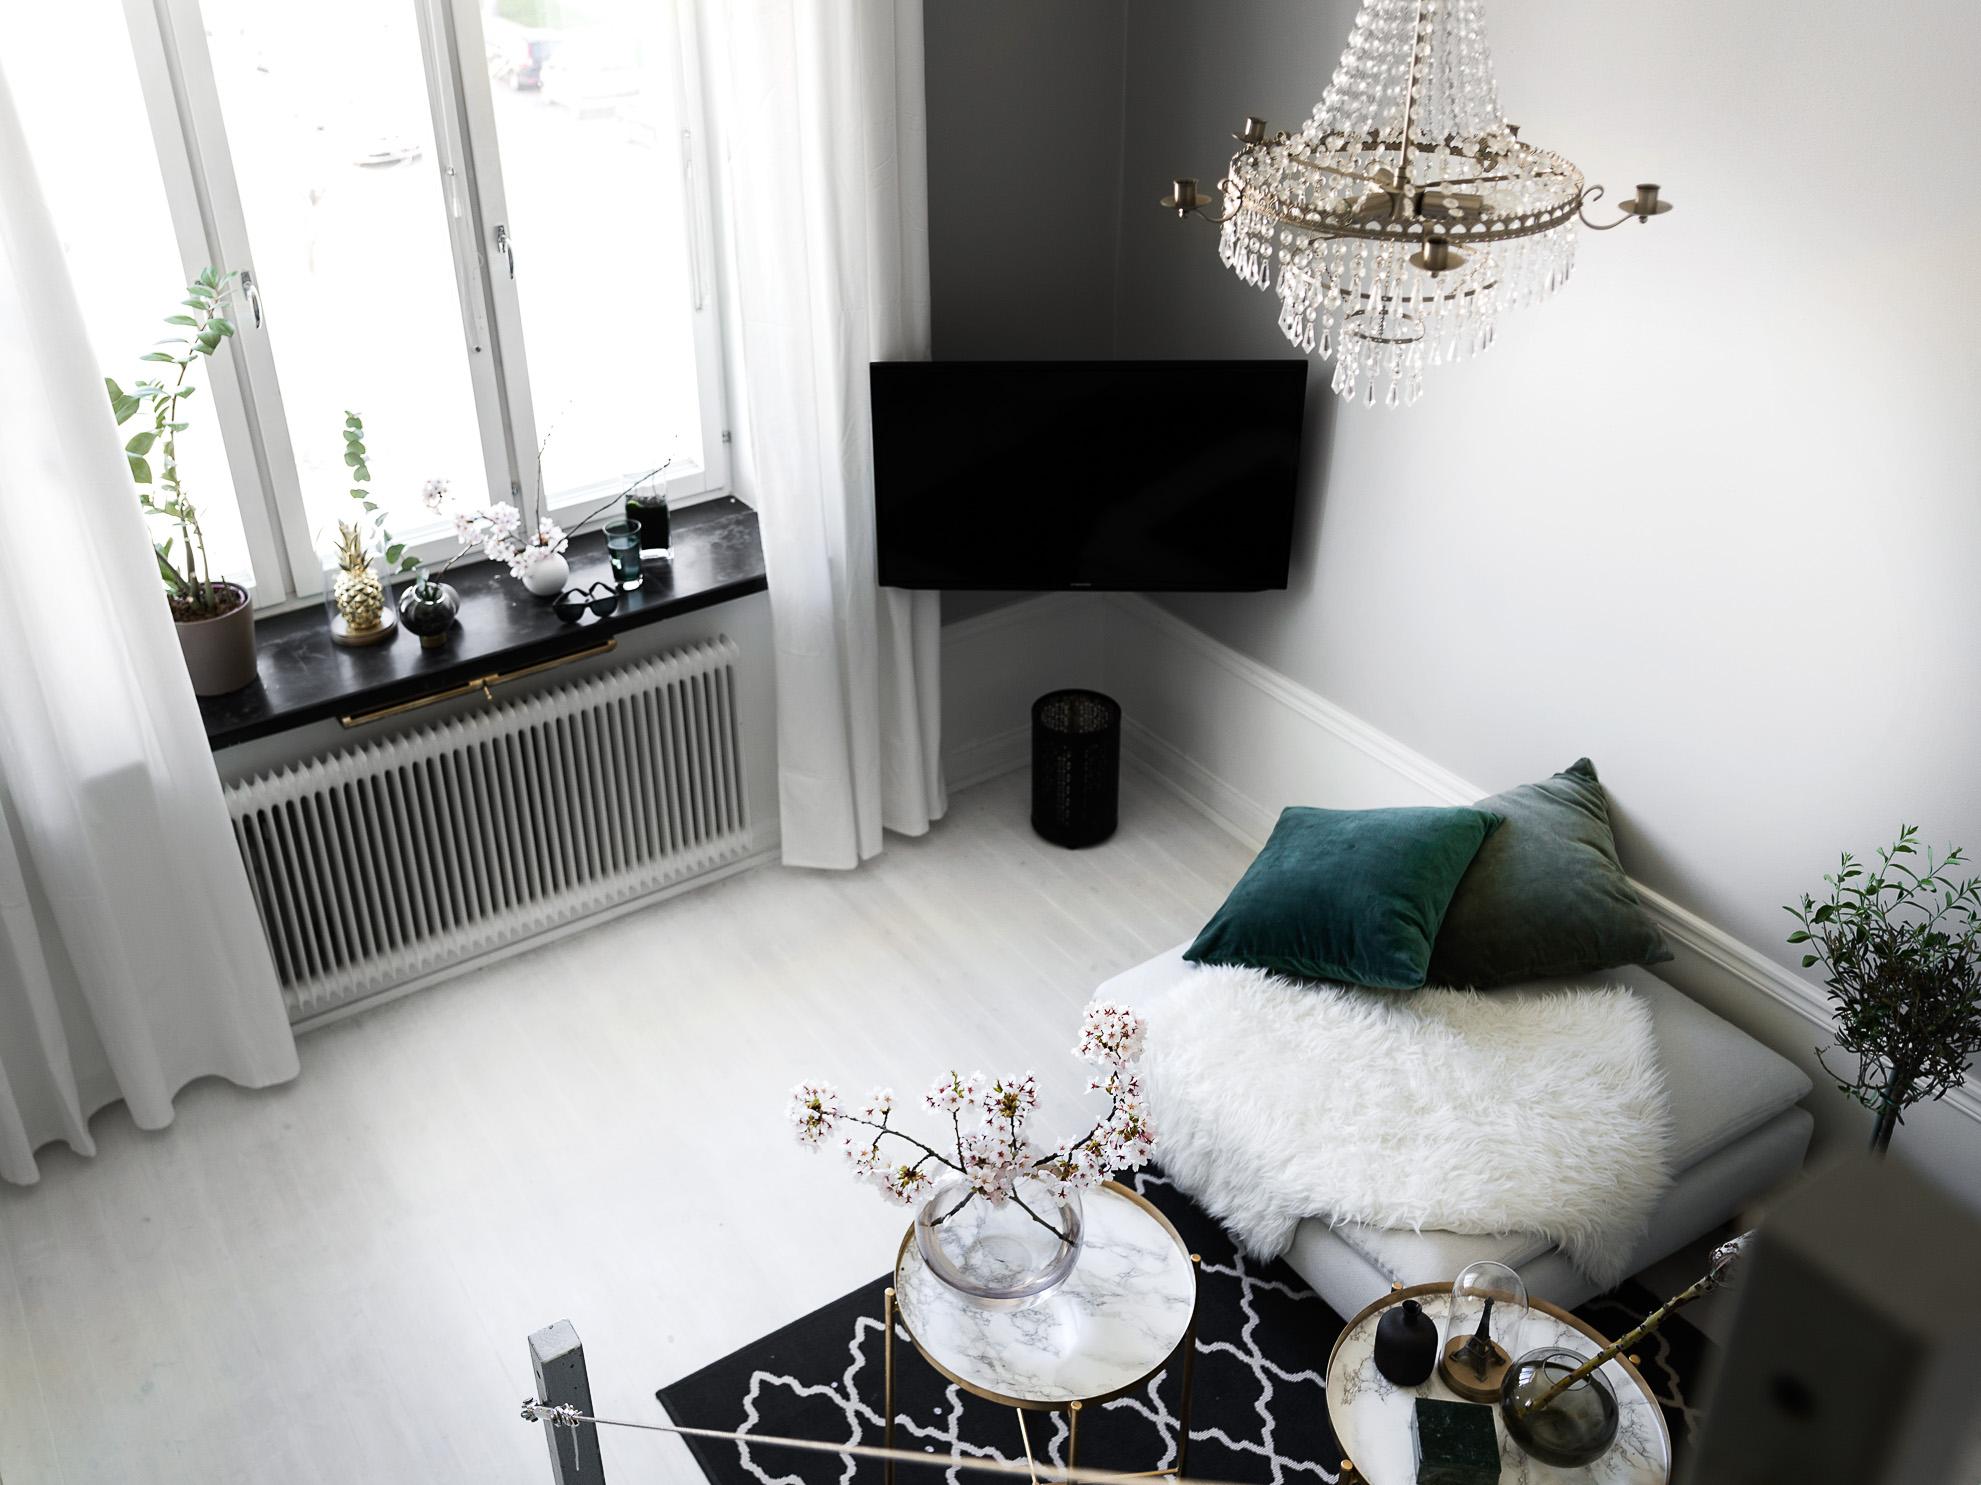 гостиная телевизор окно подоконник люстра столик